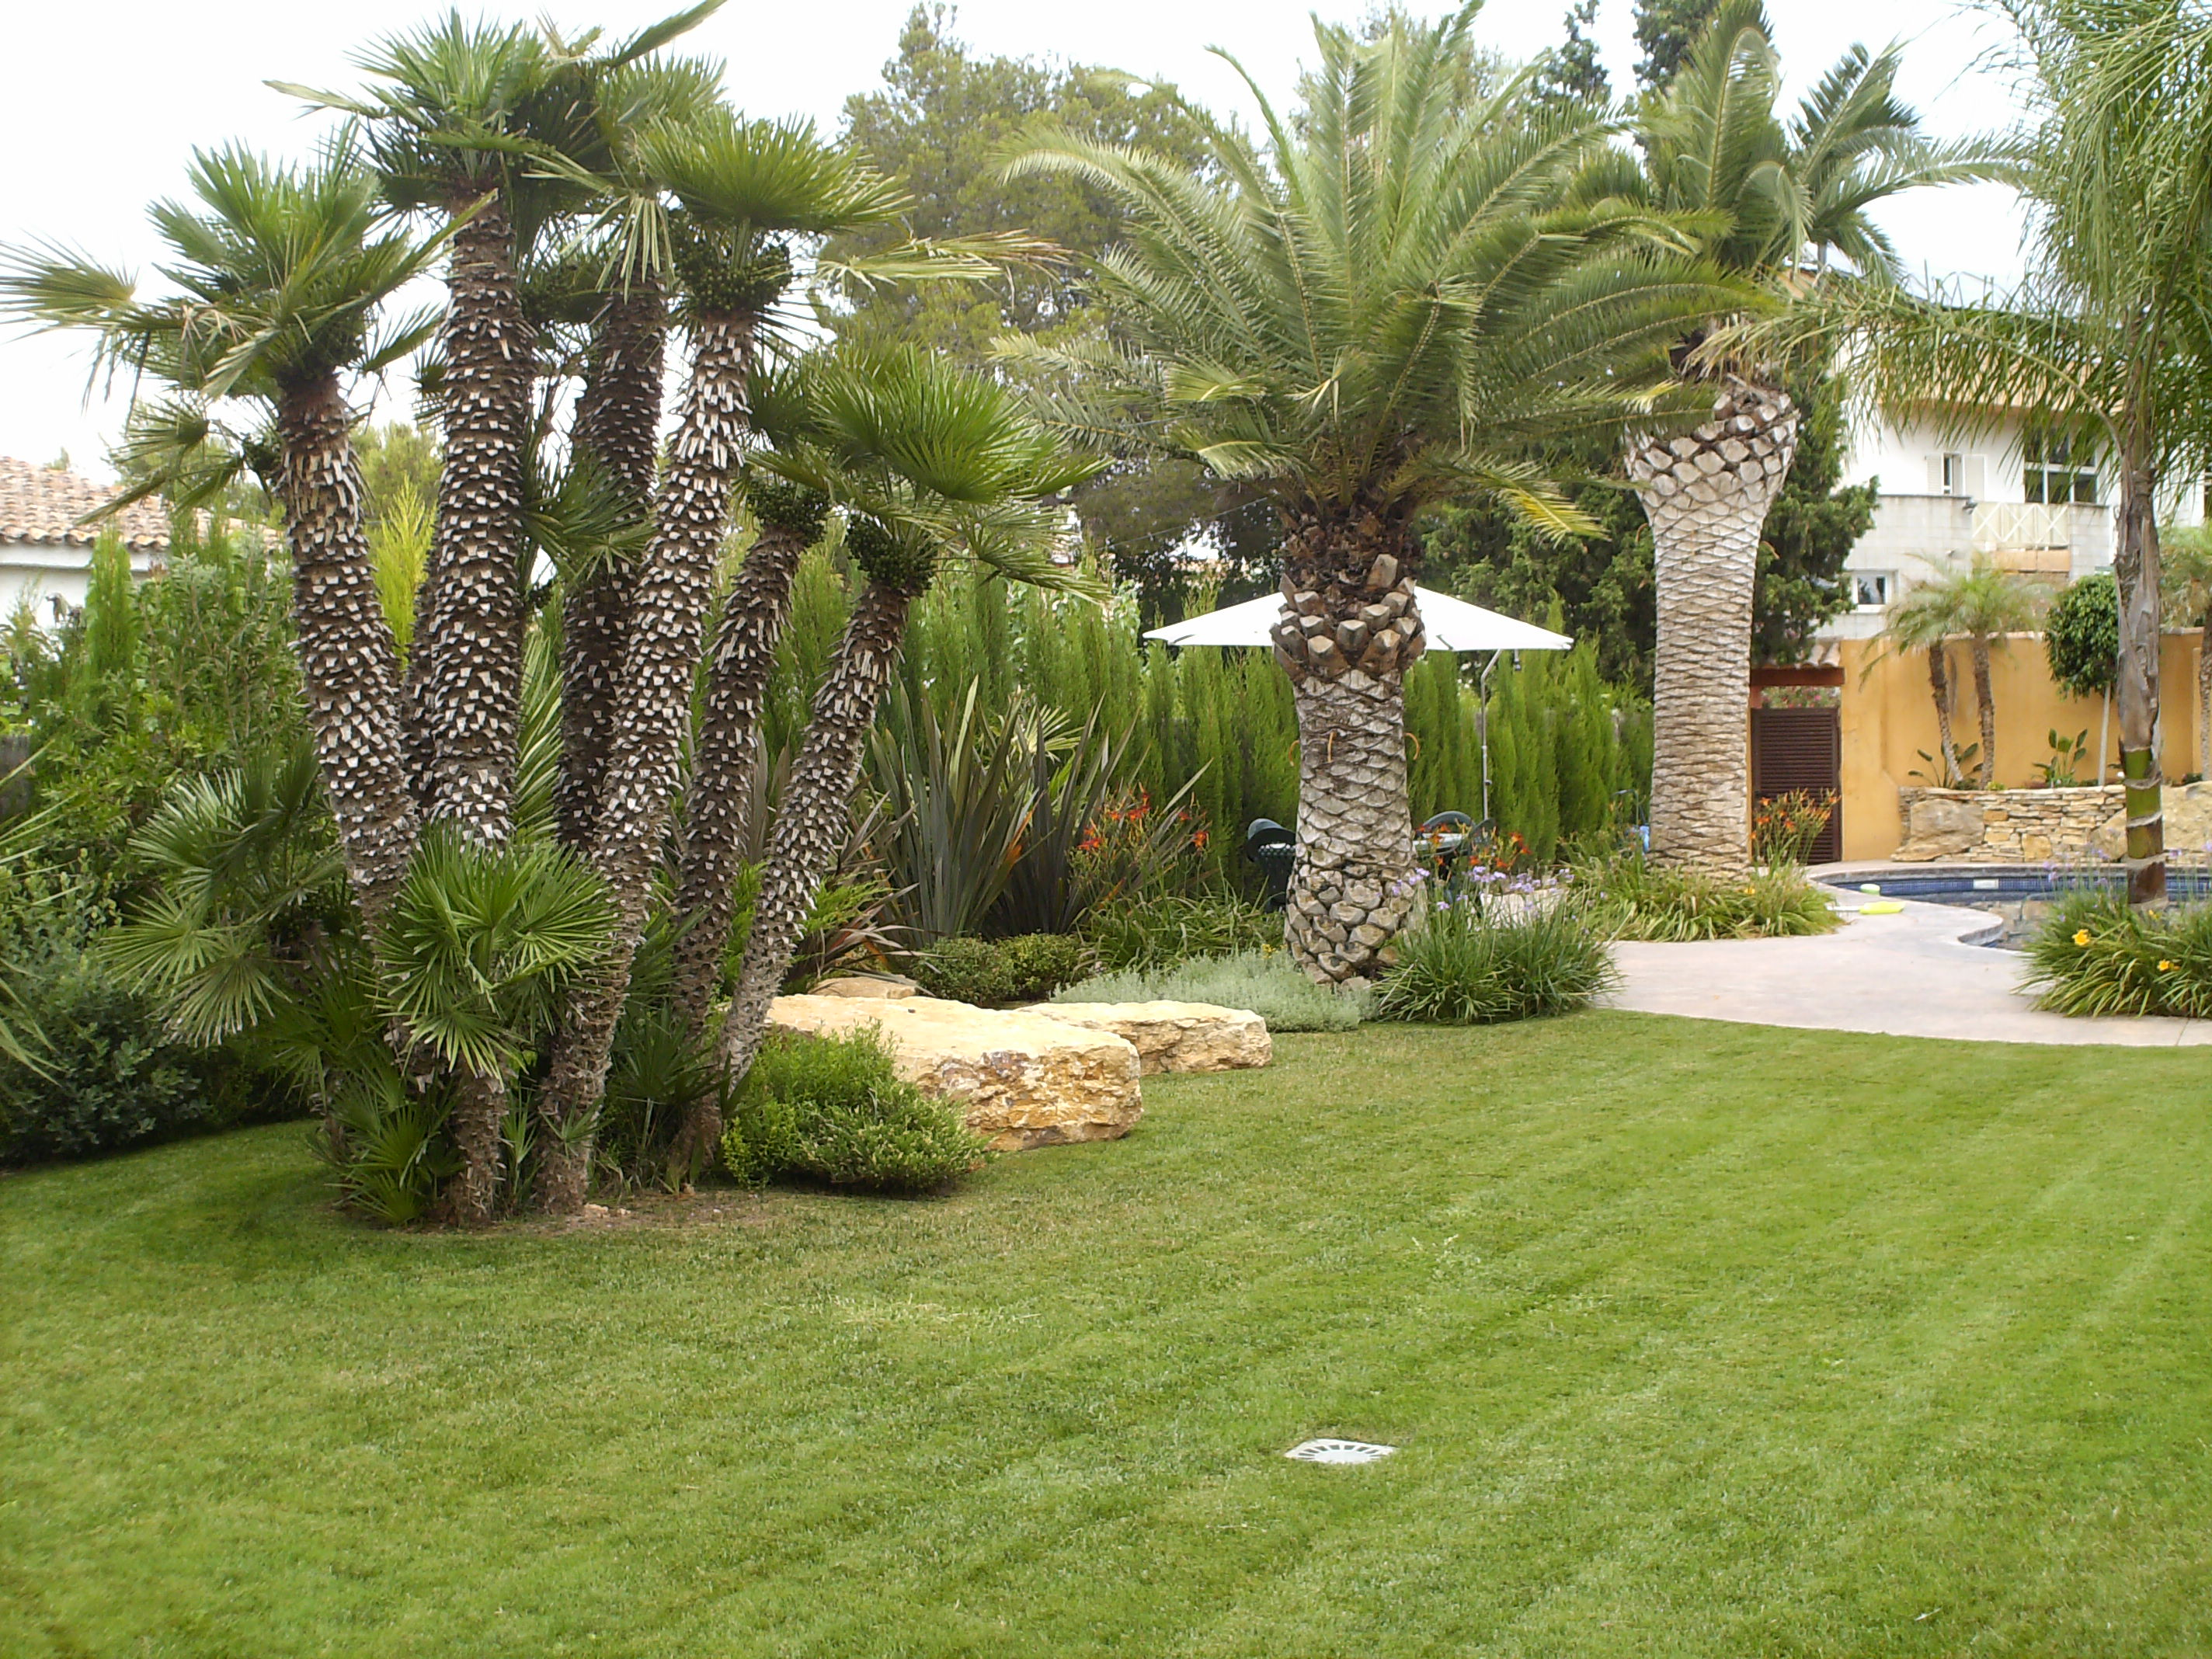 Disenos de jardines de exteriores dise os for Jardines exteriores